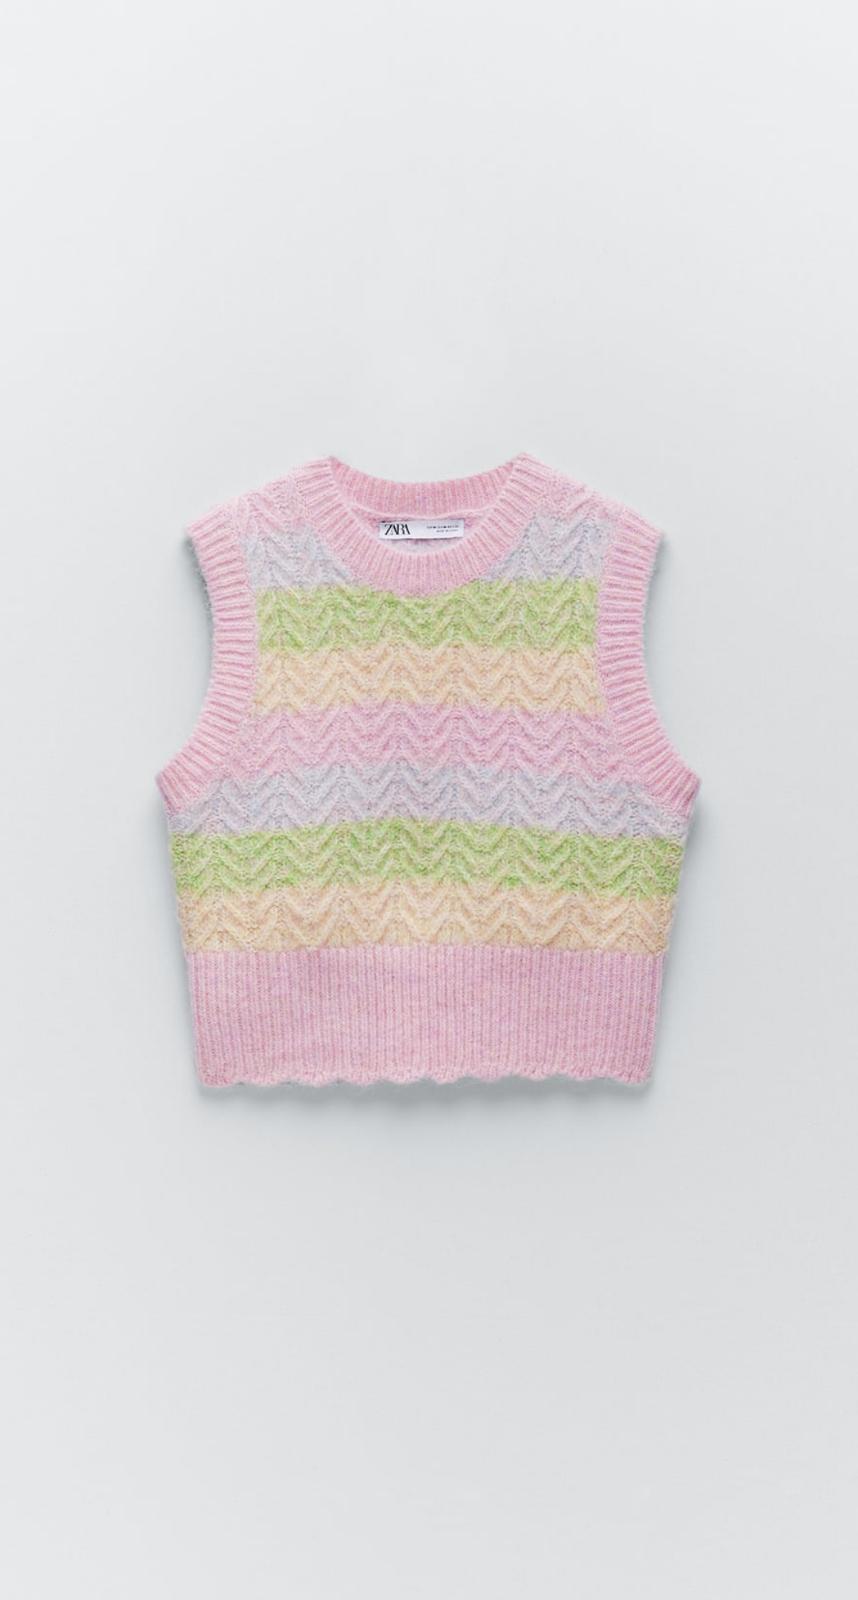 Chaleco punto rayas confeccionado con tejido en mezcla de lana con acabados en rib, de Zara (19'95€)